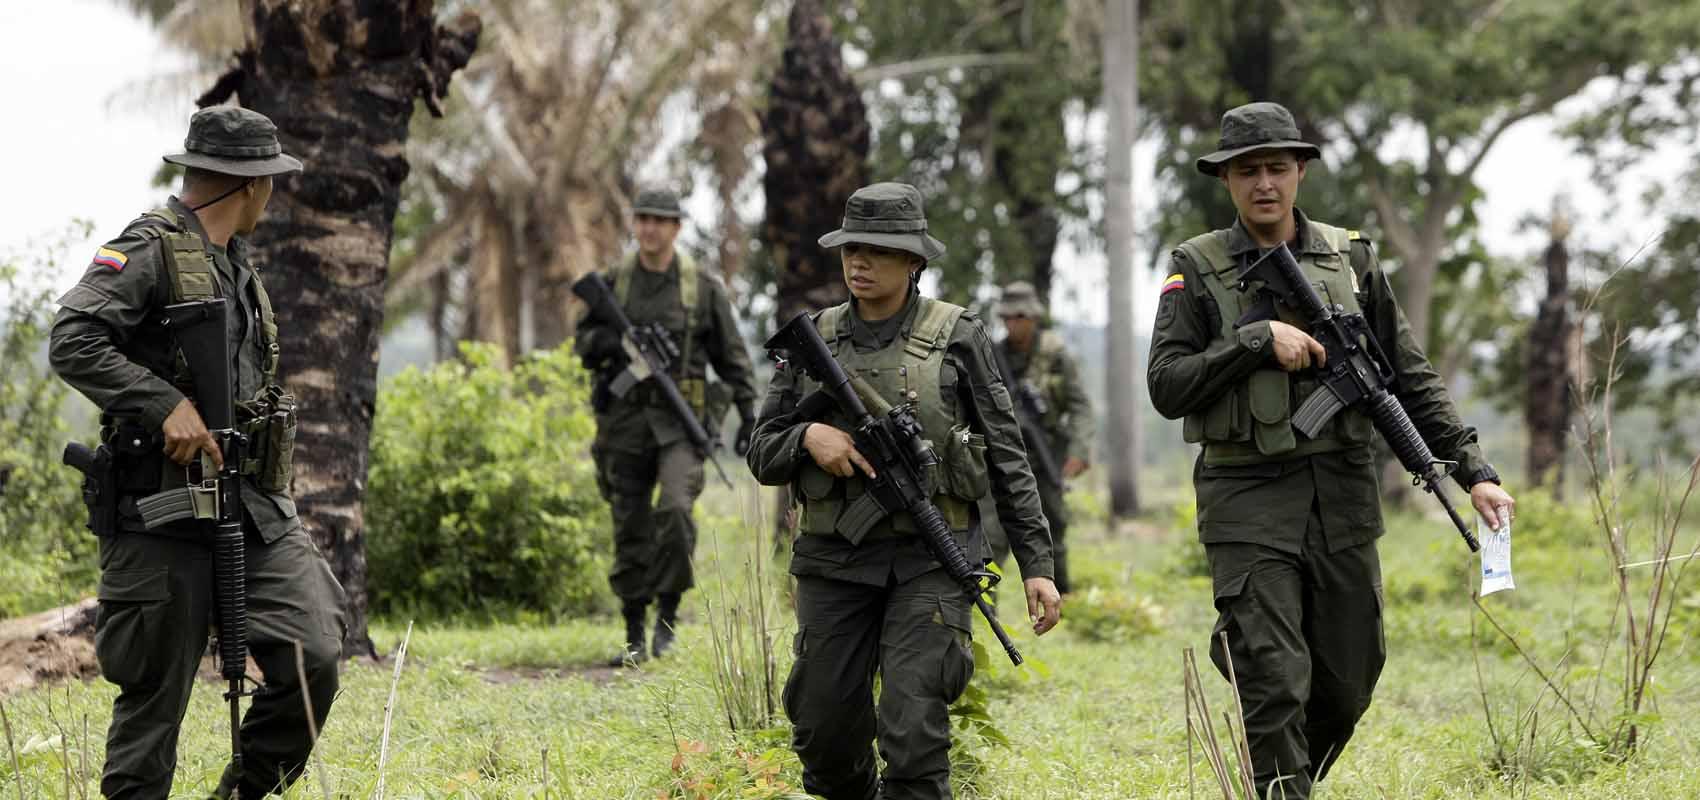 ¿Por qué los actores armados se establecen en las periferias rurales?